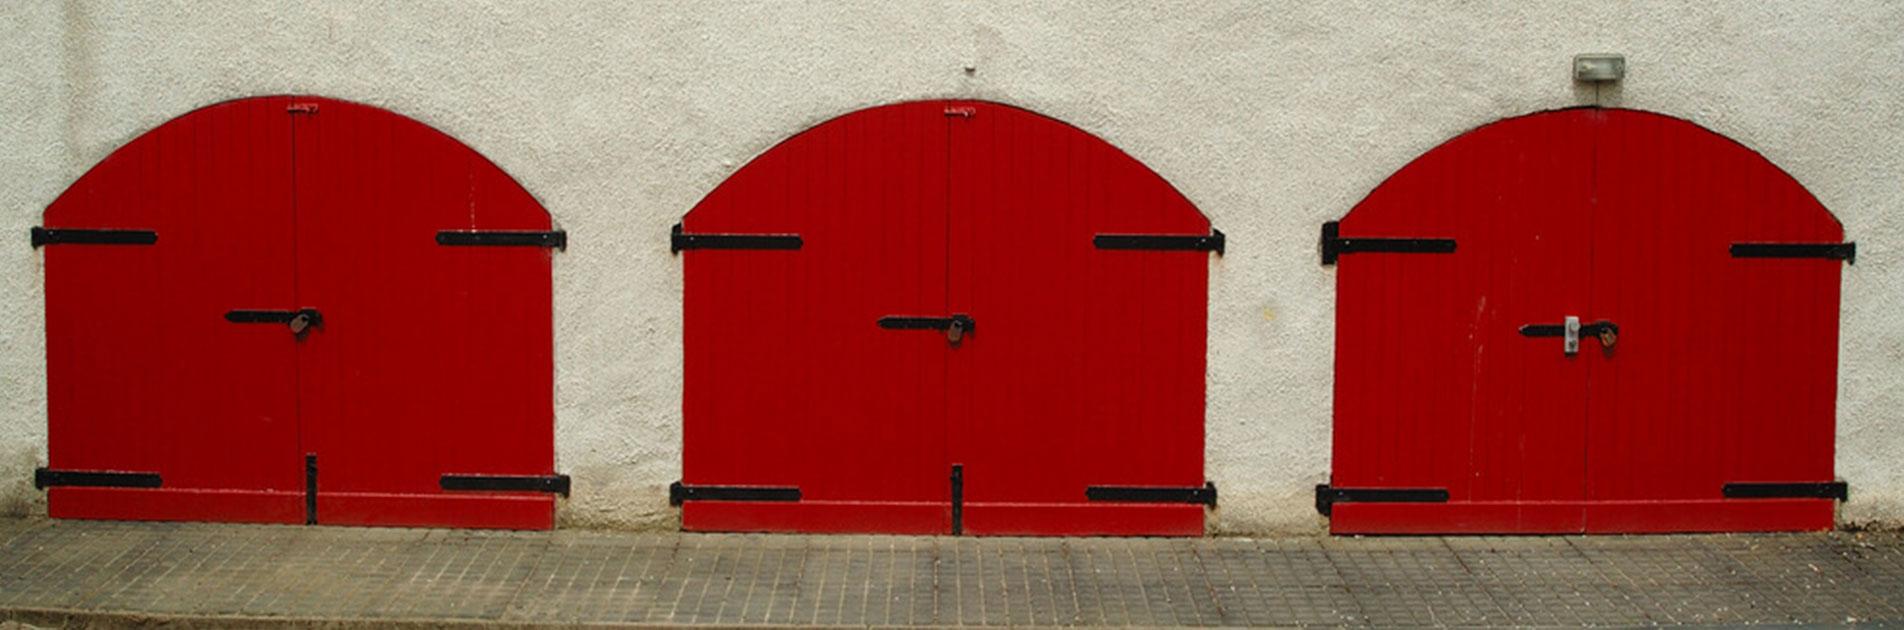 ... Global Garage Door Service Bellevue, WA 206 237 0213